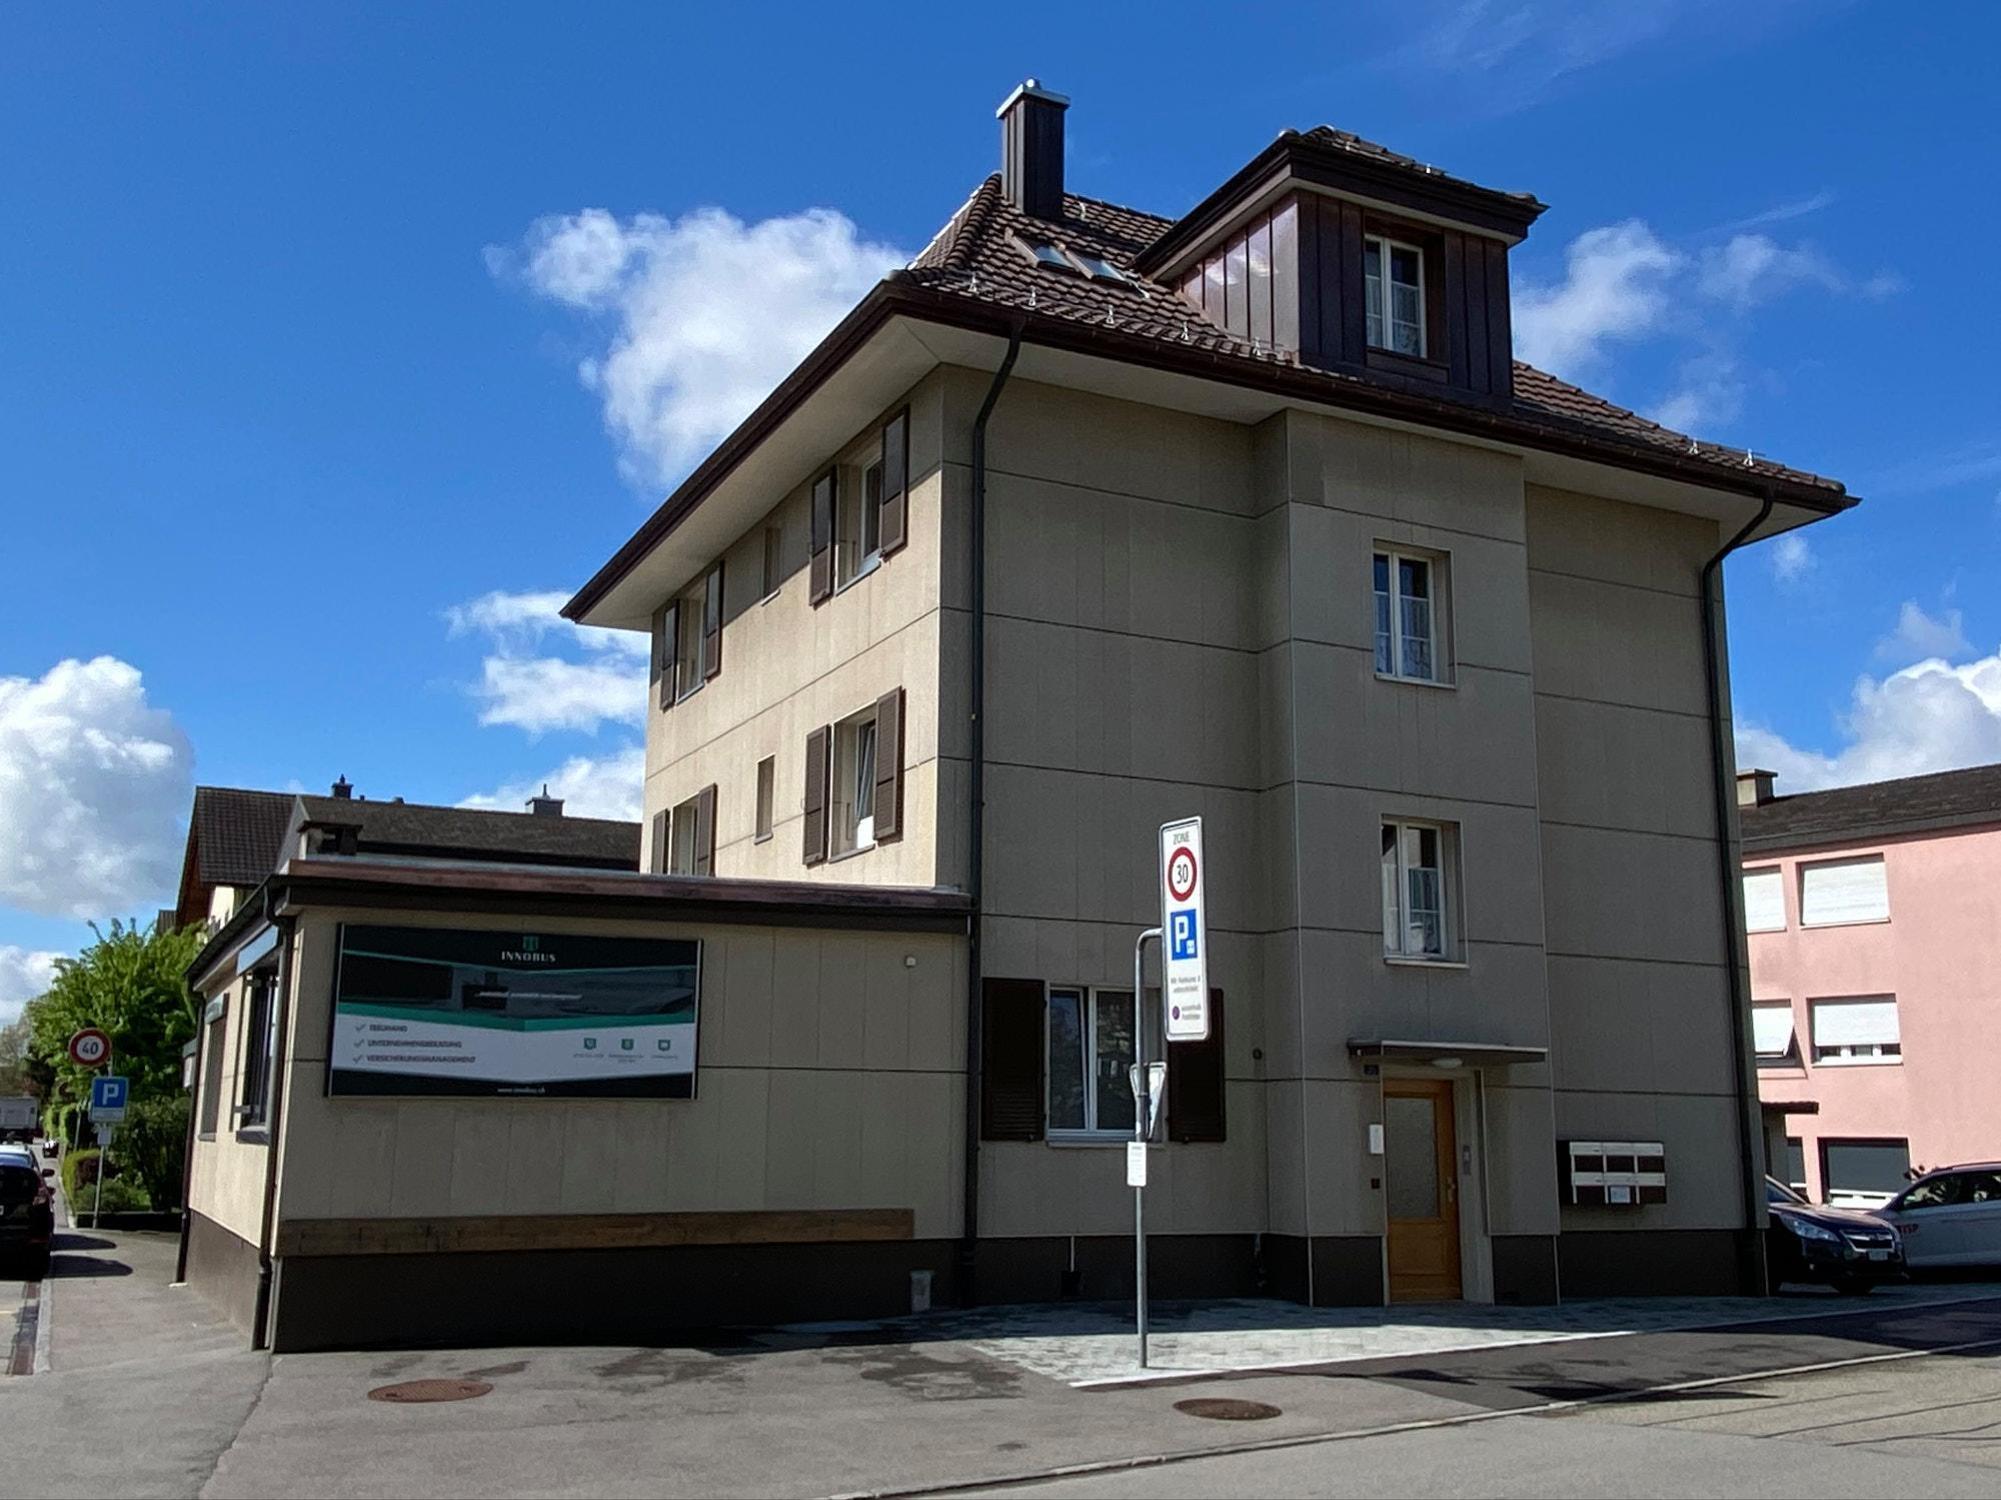 Vieille et discrète à l'extérieur, ultramoderne à l'intérieur : cette façade d'Ostermundigen dissimule une maison intelligente entièrement équipée. zVg